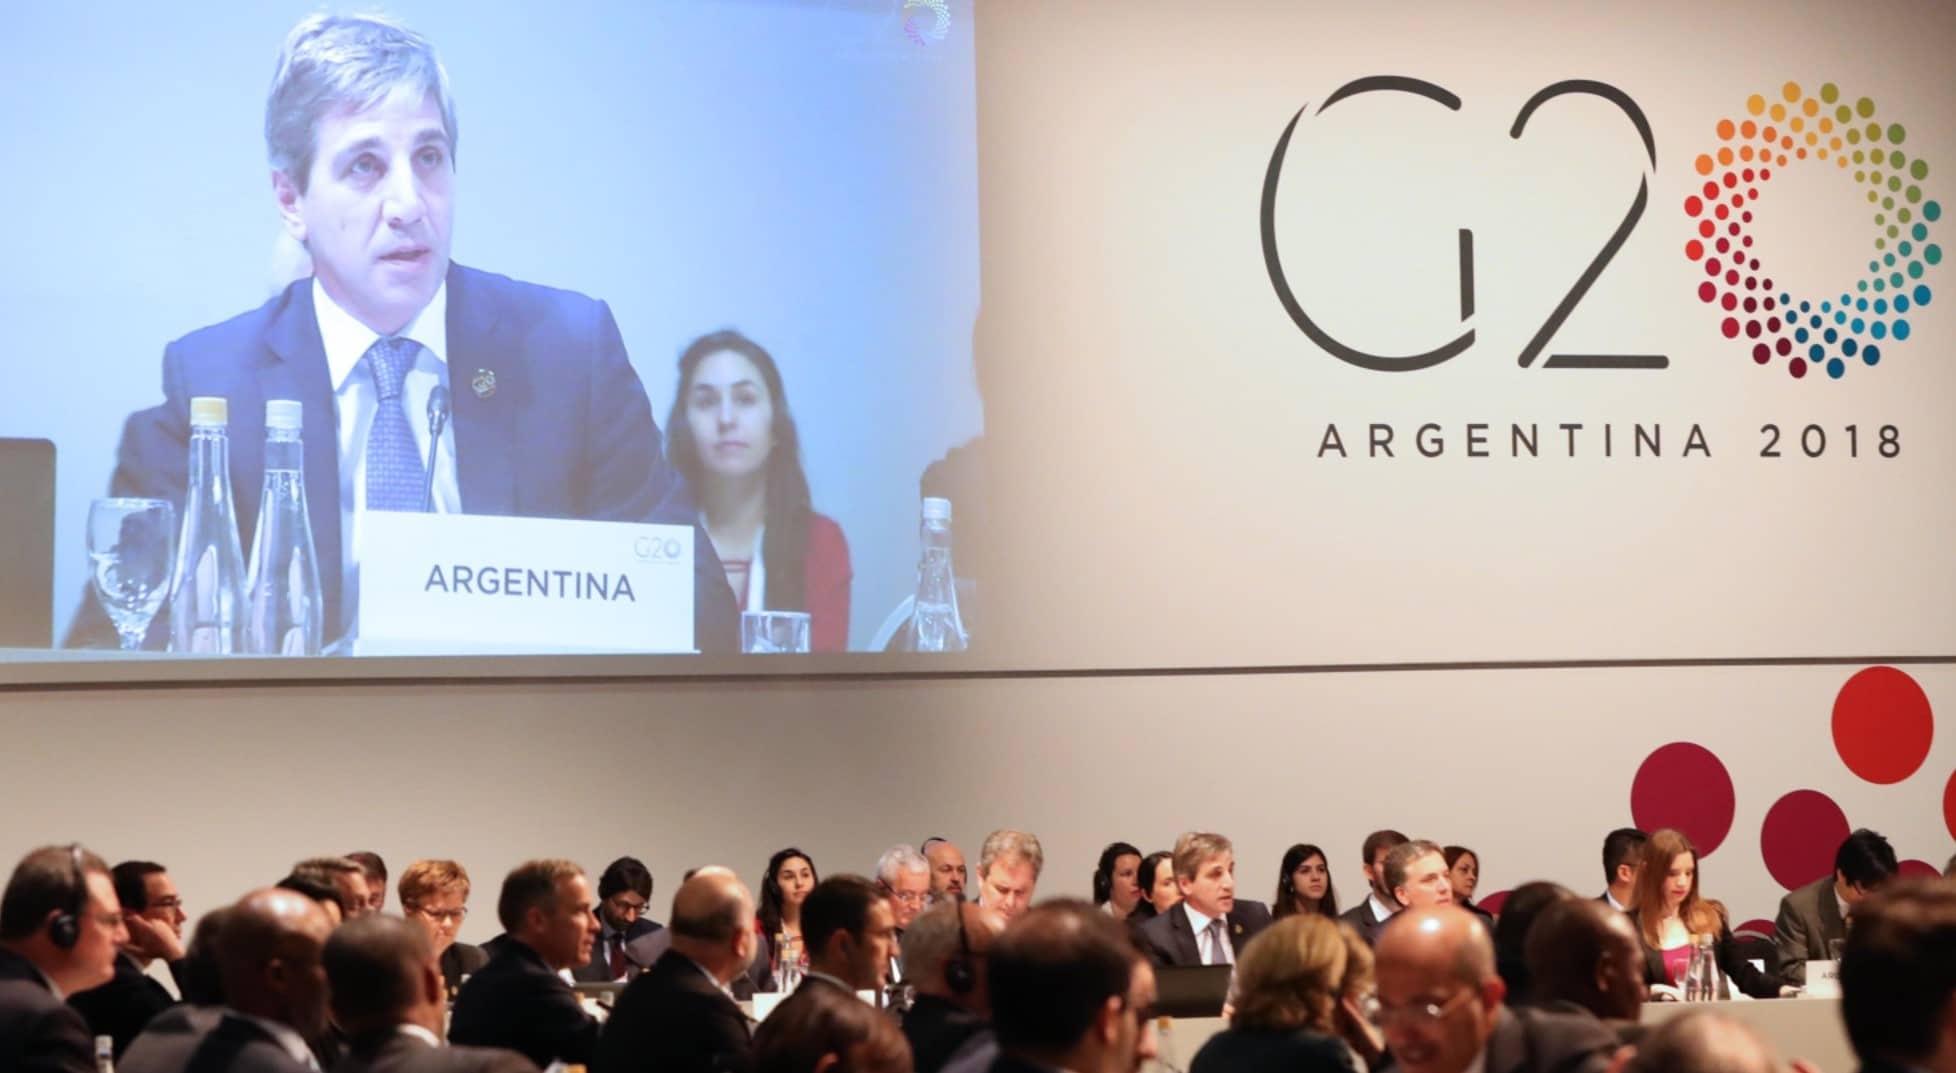 países-bancos-presidentes-tercera-reunión